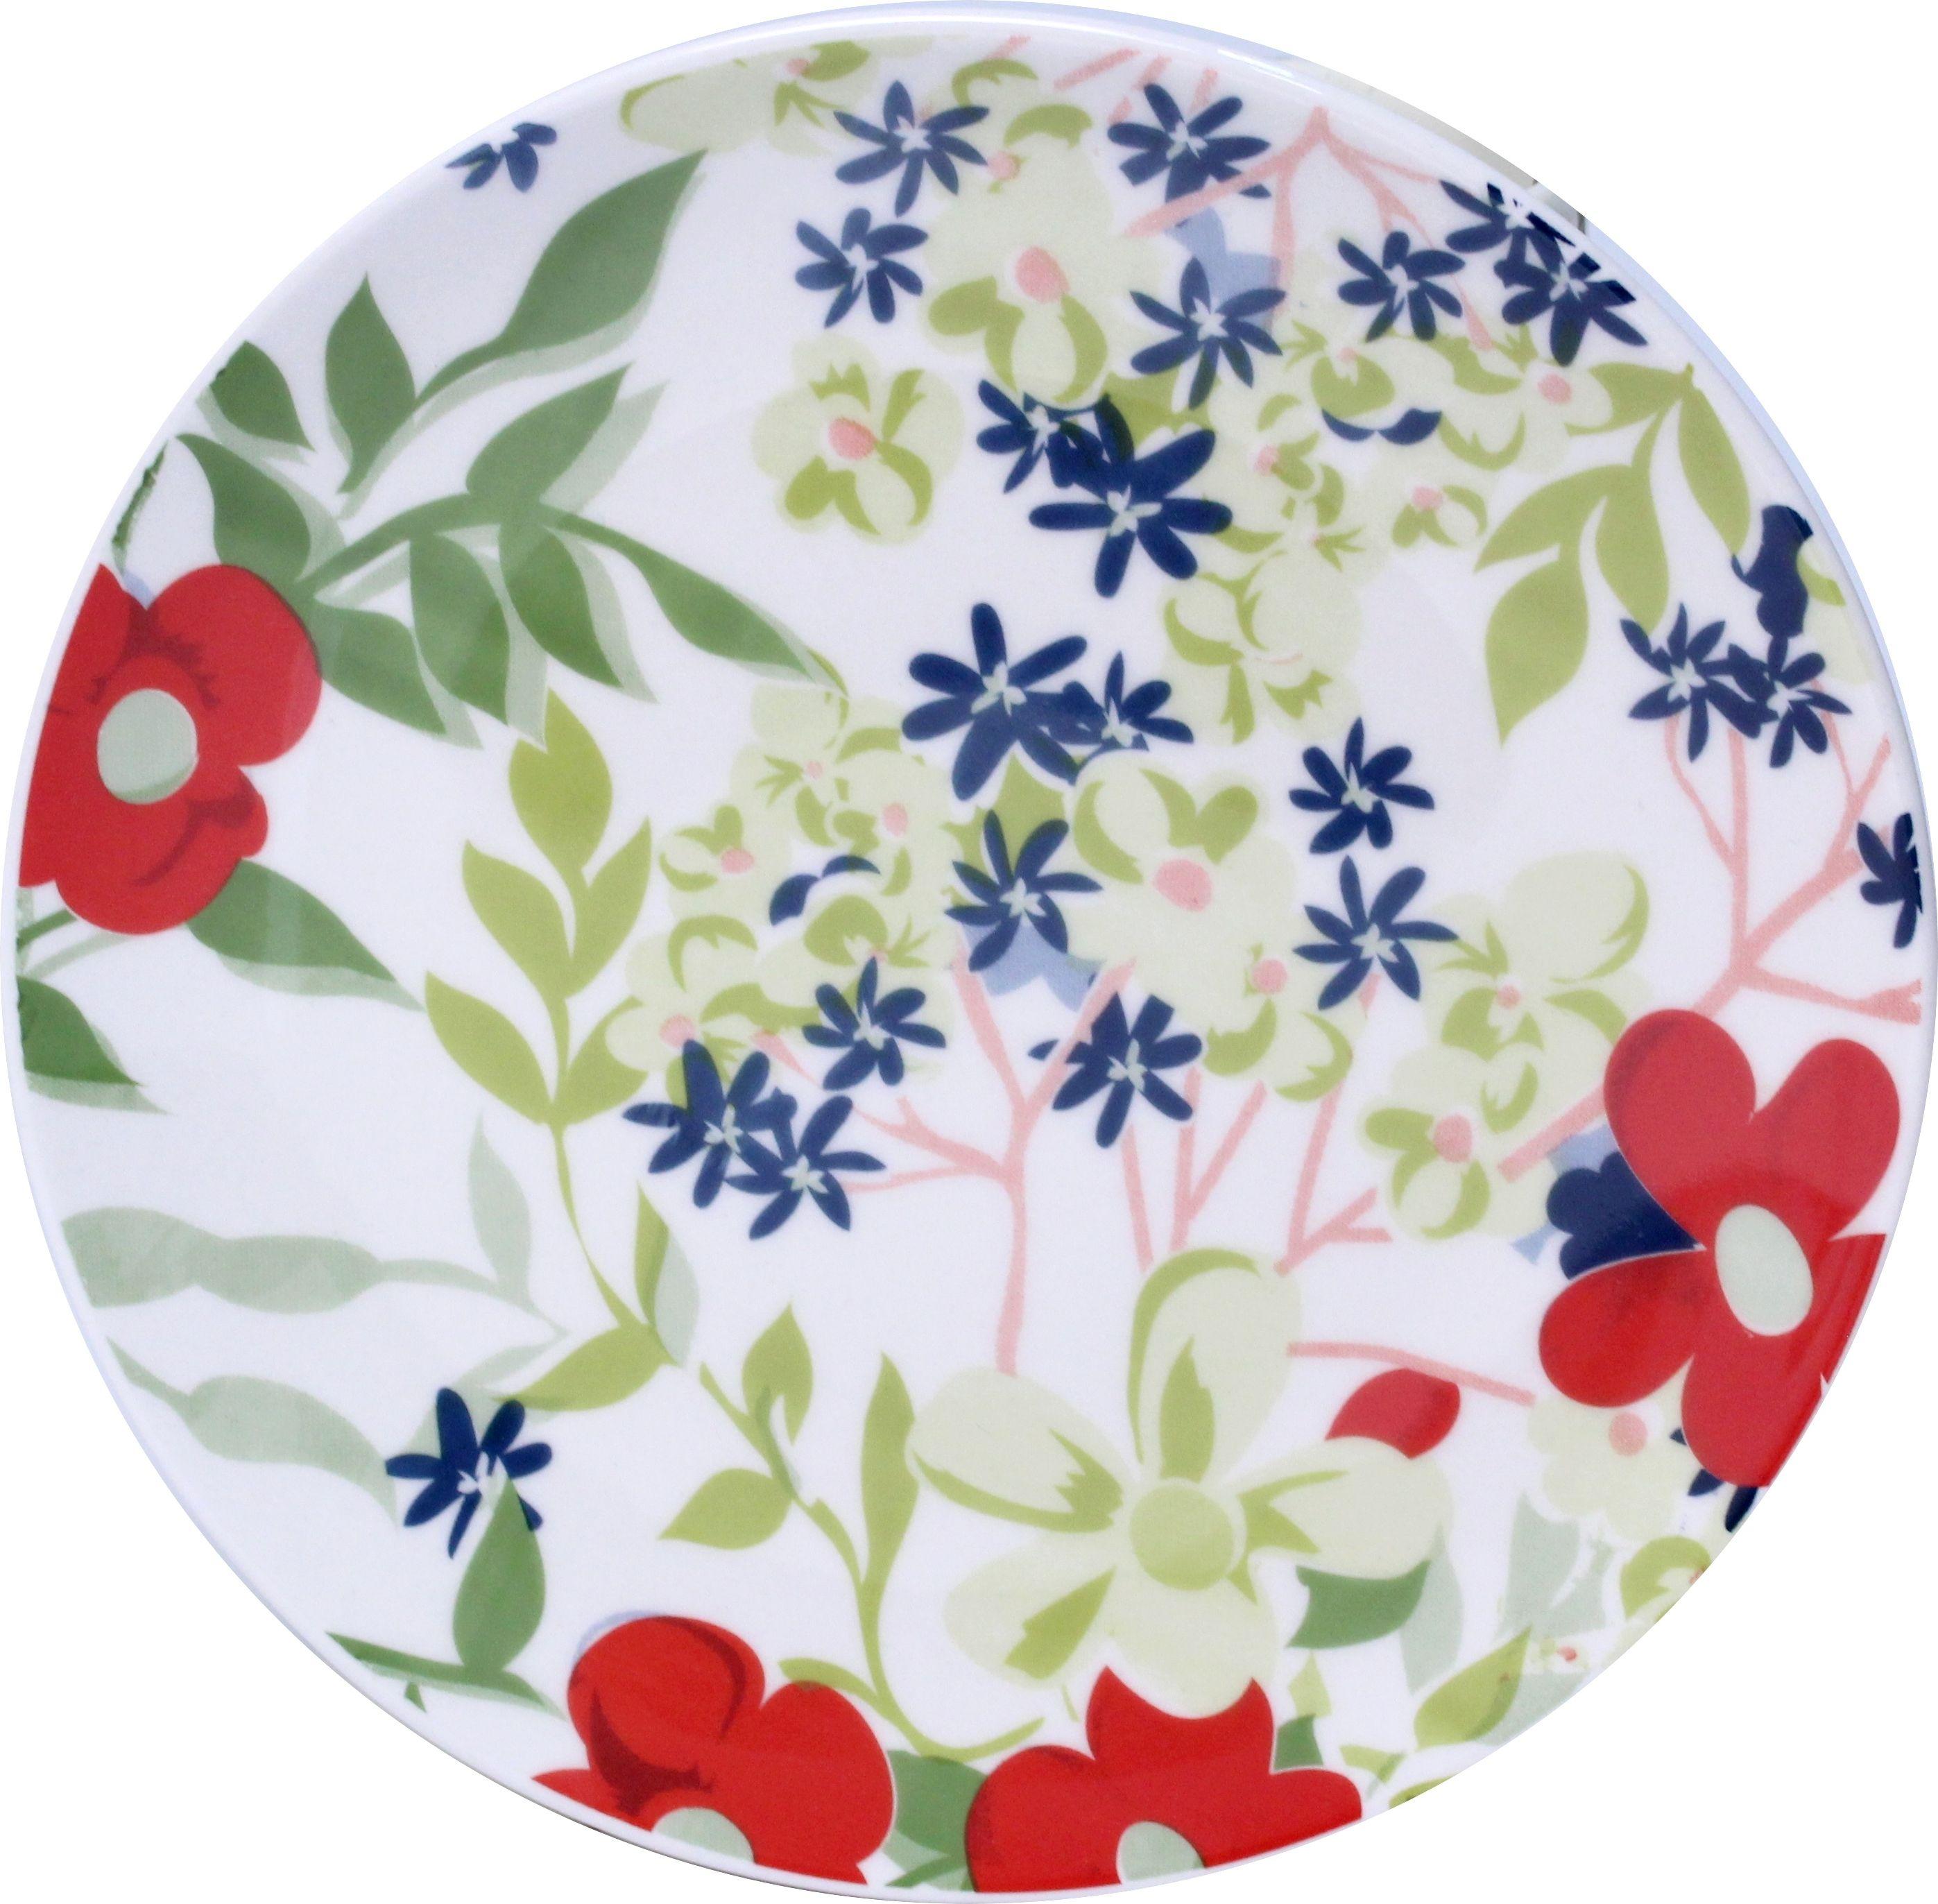 Набор десертных тарелок Biona Сандей, 21 см, 6 шт4613SUNDAY-3-6Добавьте вашему столу бразильского очарования с набором тарелок Biona Сандей. Их яркие летниецвета прекрасно подойдут для ежедневной сервировки, а также станут естественнымдополнением праздничного вечера. Набор включает в себя шесть десертных тарелок, выполненных из керамики.Можно использовать в микроволновой печи и мыть в посудомоечной машине.